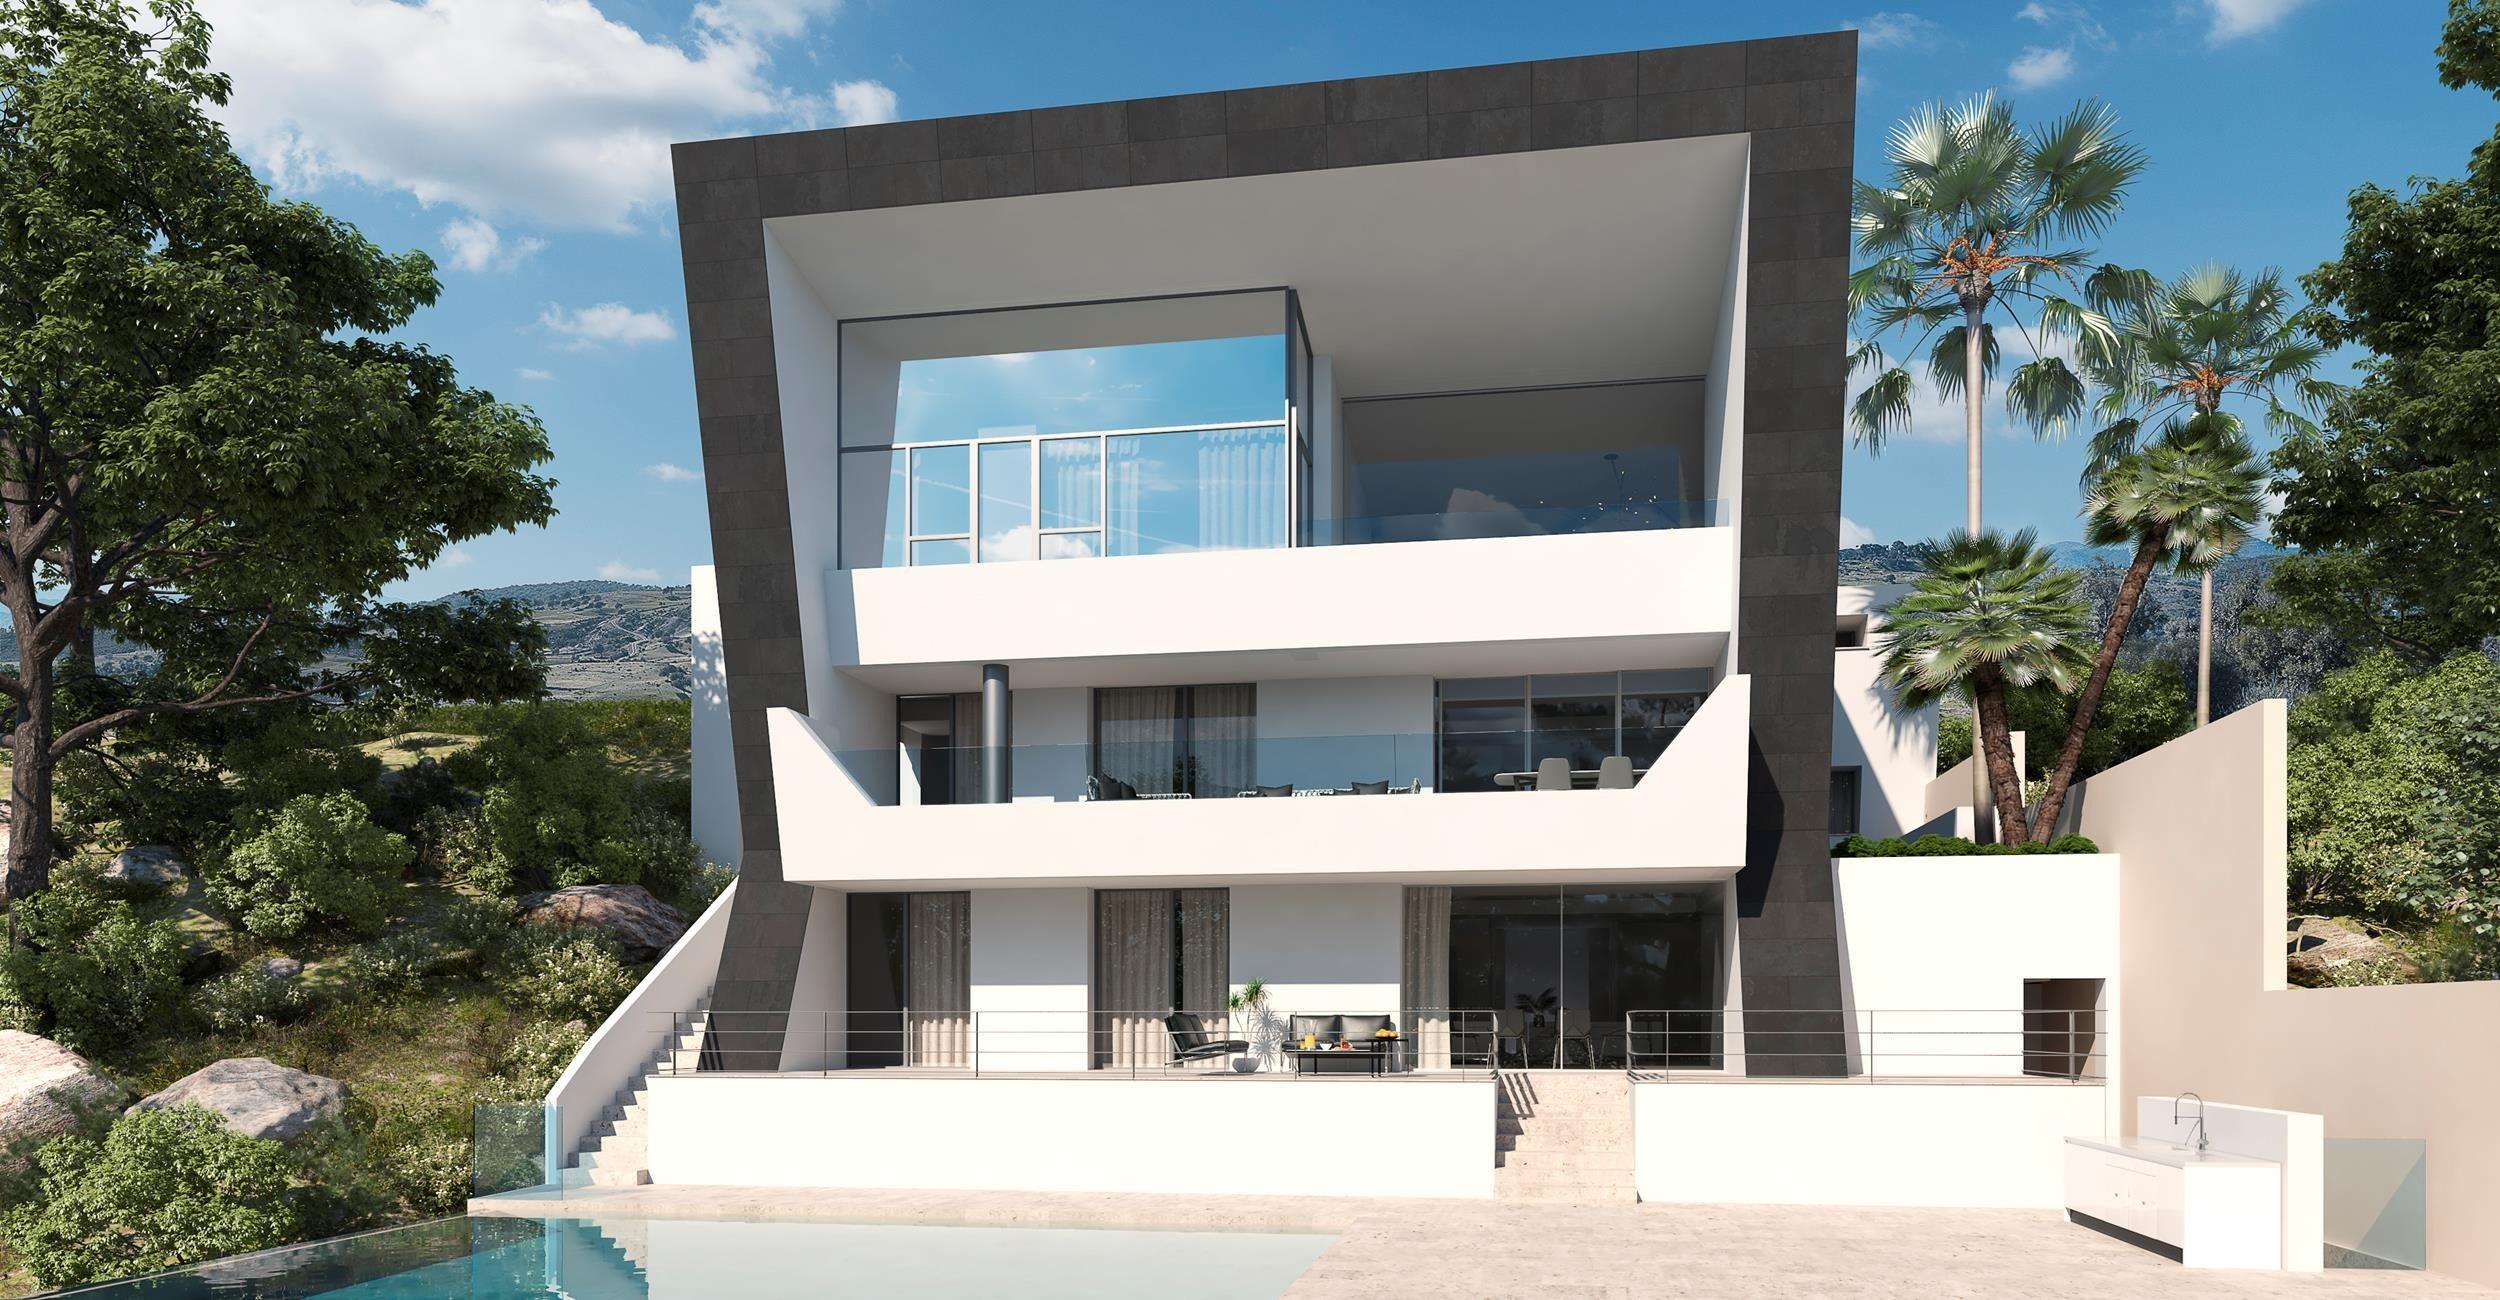 Segunda villa contemporánea en Los Arqueros Golf.